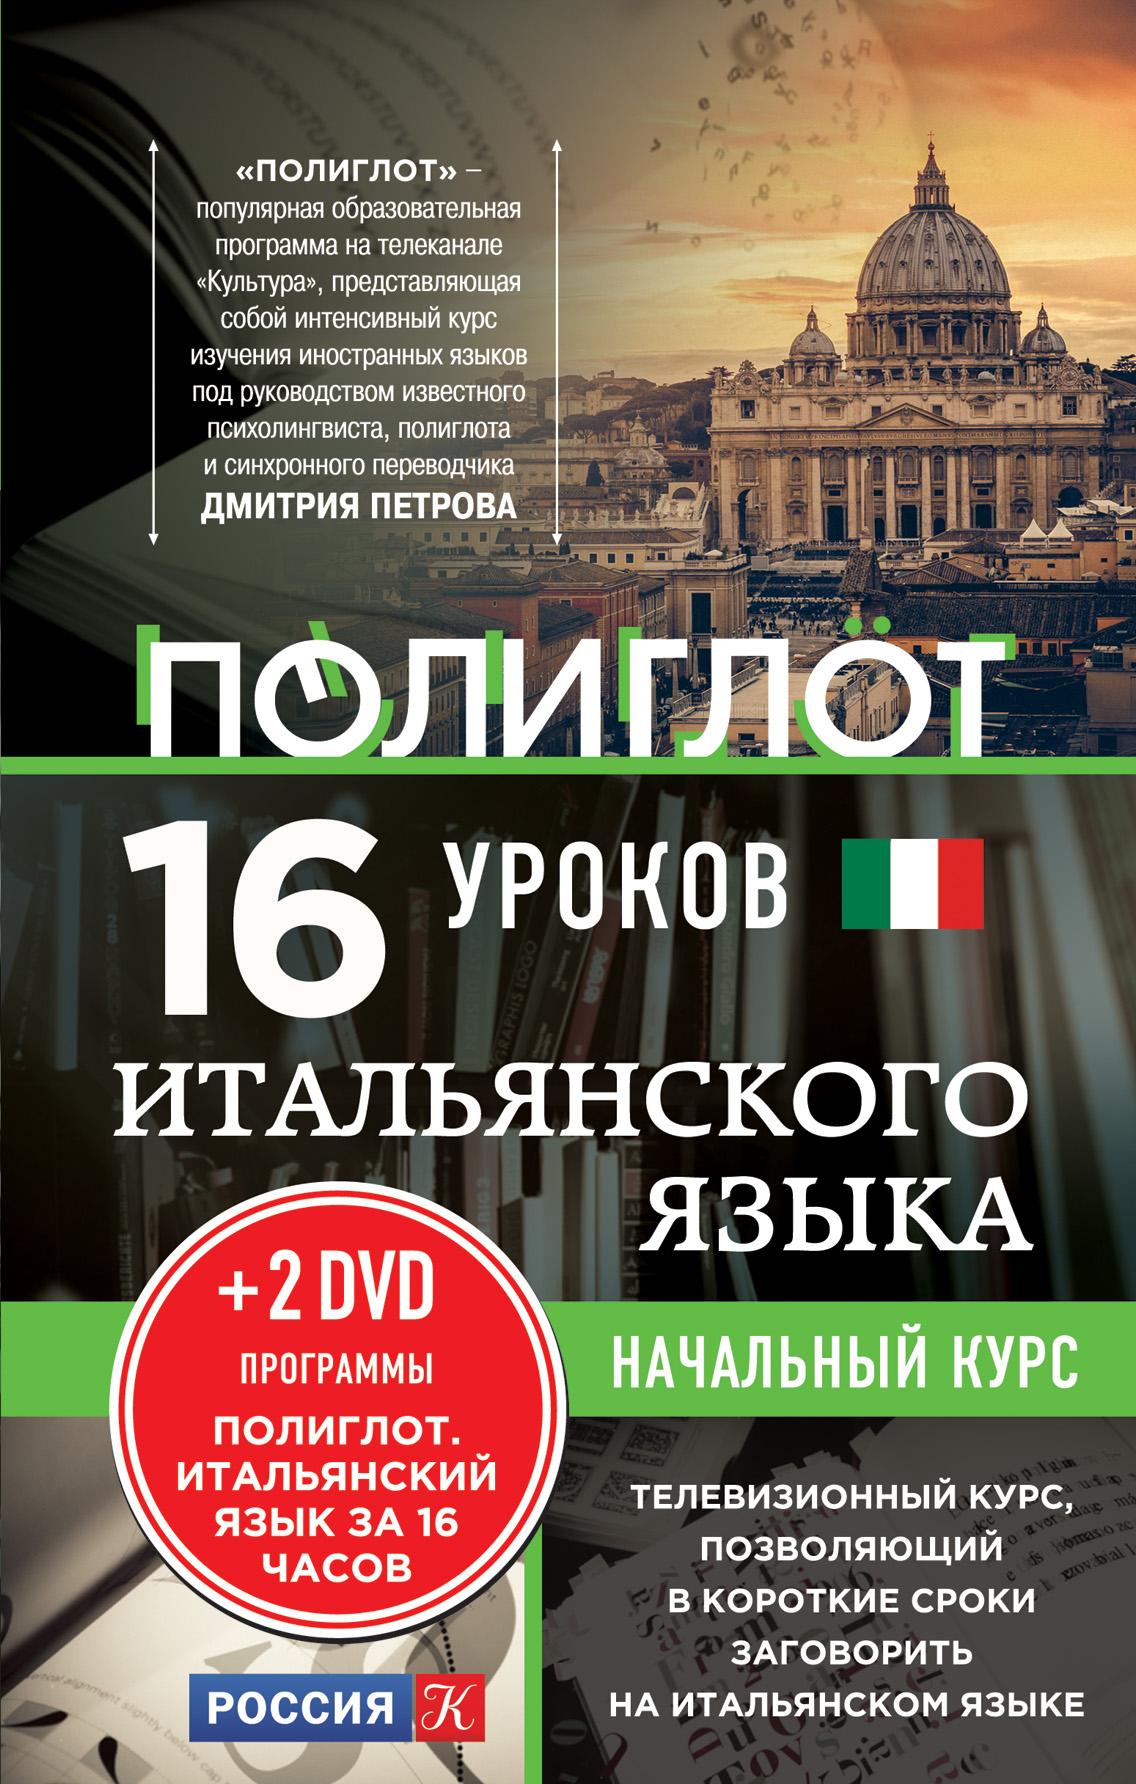 Итальянский язык. 16 уроков. Начальный курс (+ 2 DVD)